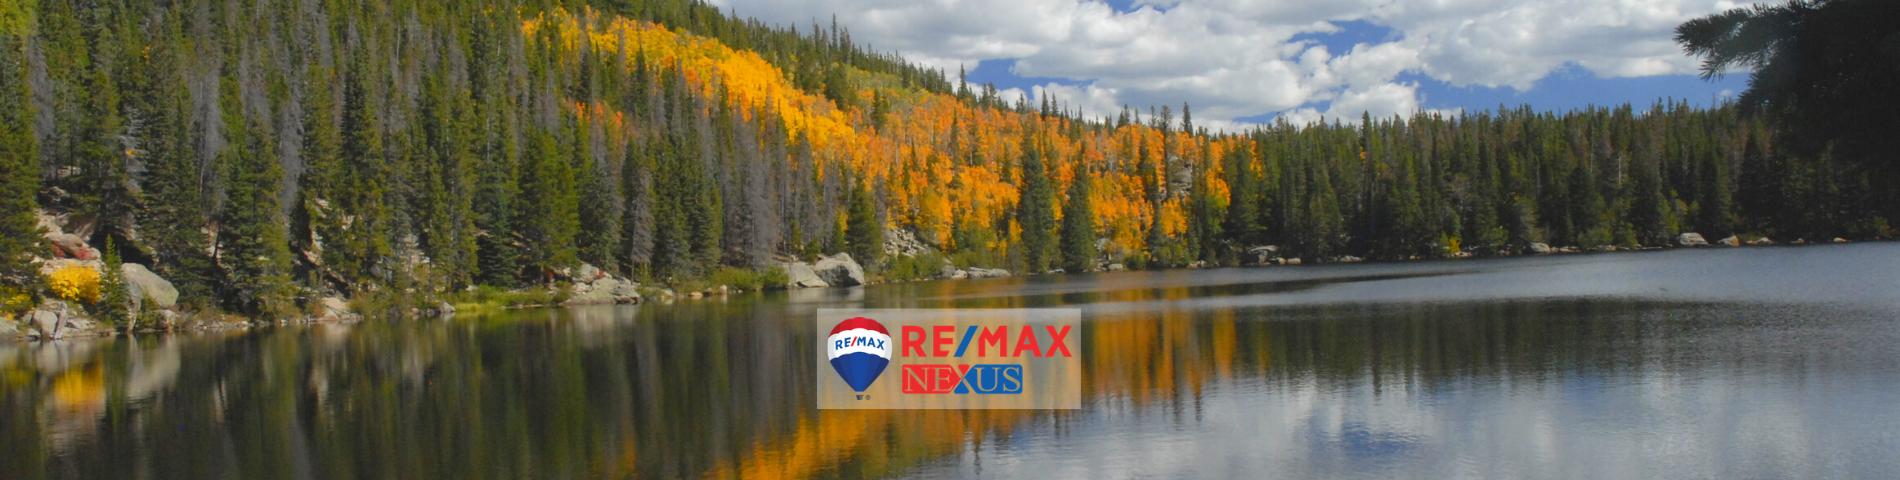 REMAX NEXUS HEADER (4)